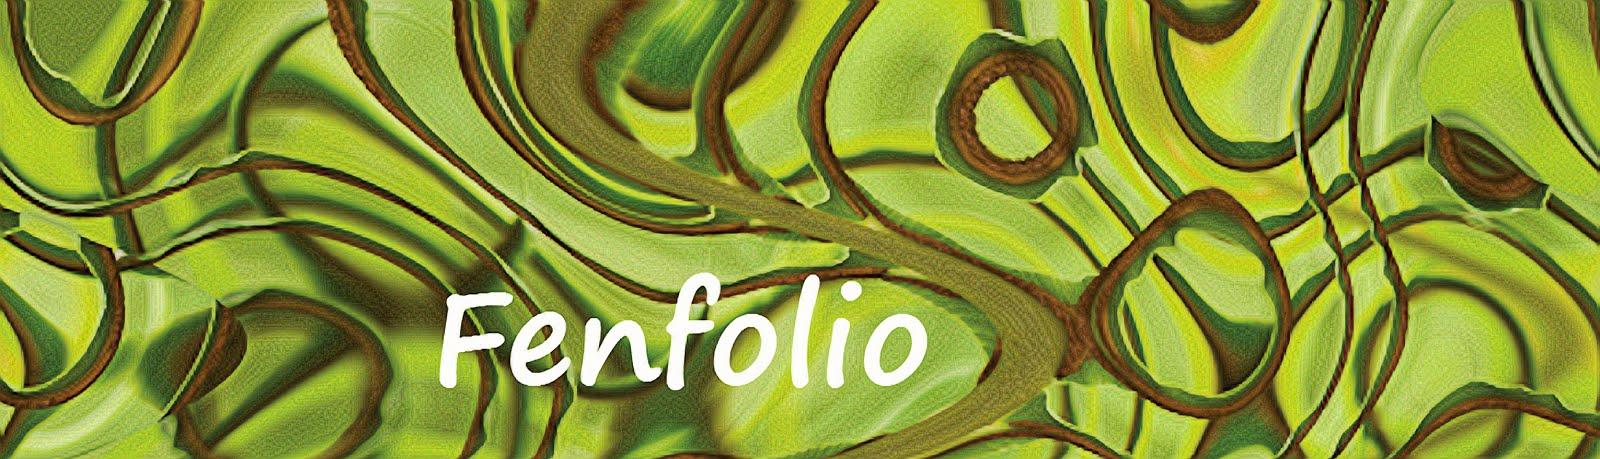 Fenfolio